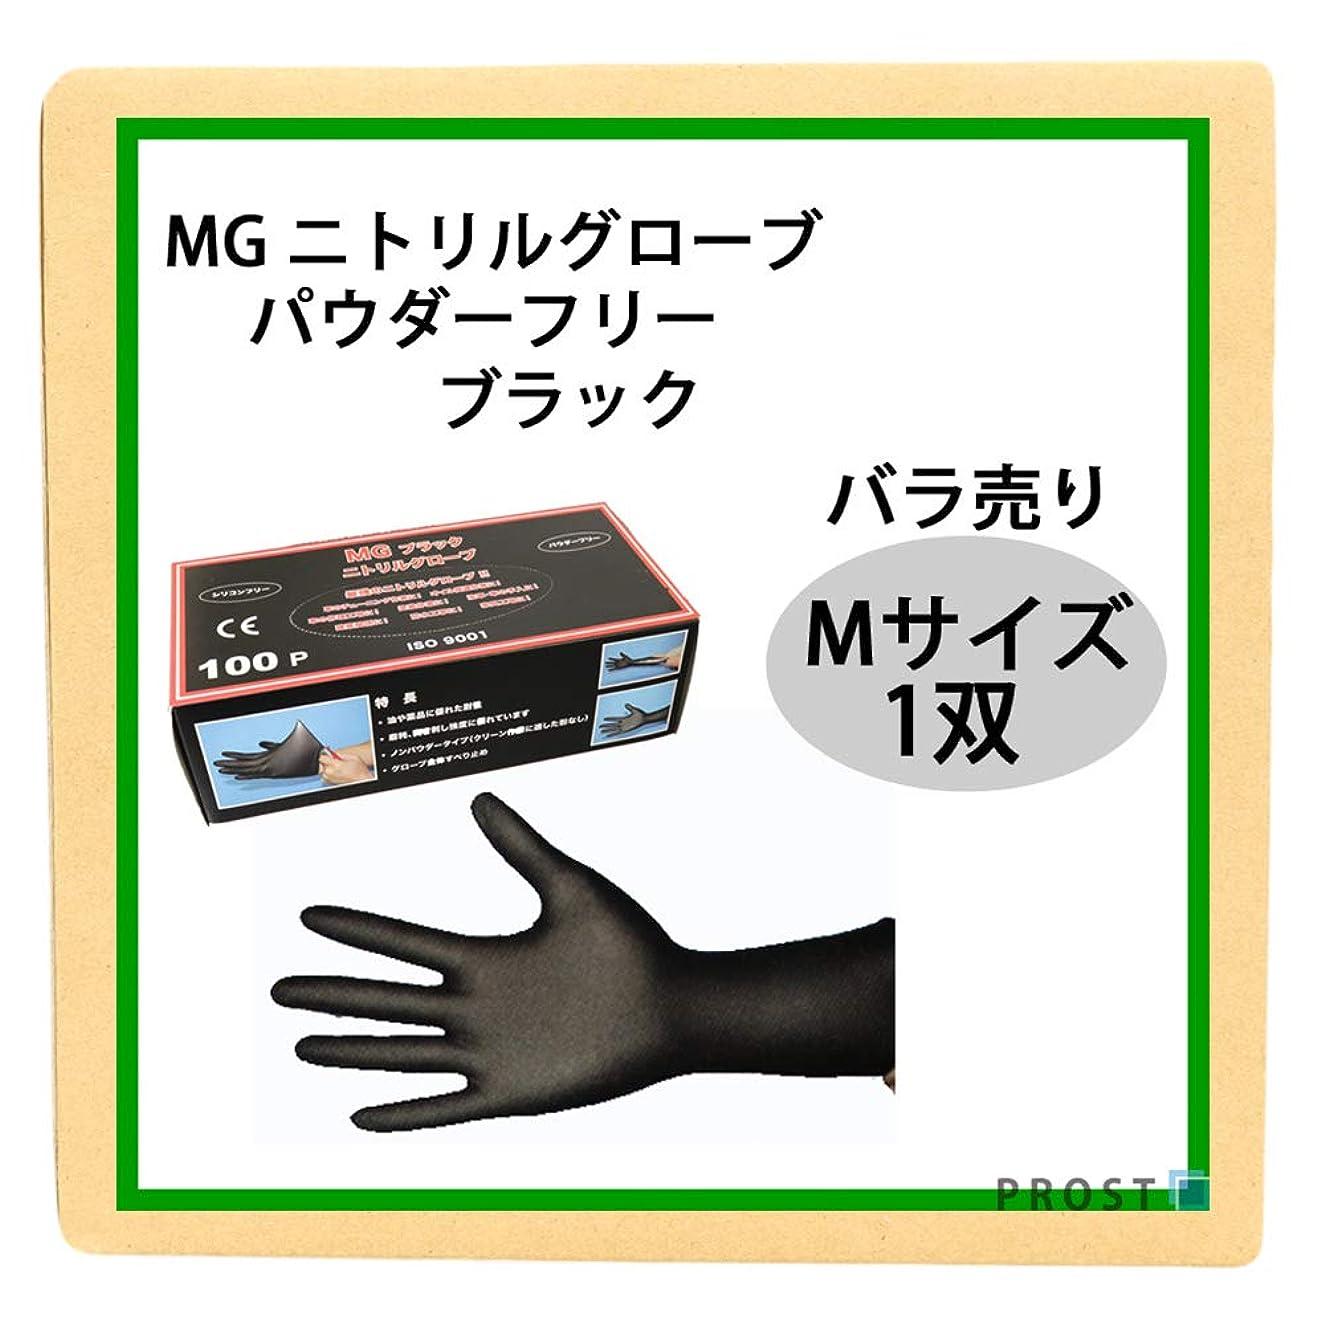 ペンフレンド酸っぱい振幅MG ニトリルグローブ ブラック パウダー フリー Mサイズ 1双/ニトリル手袋 ゴム手袋 塗装 オイル ニトリルゴム